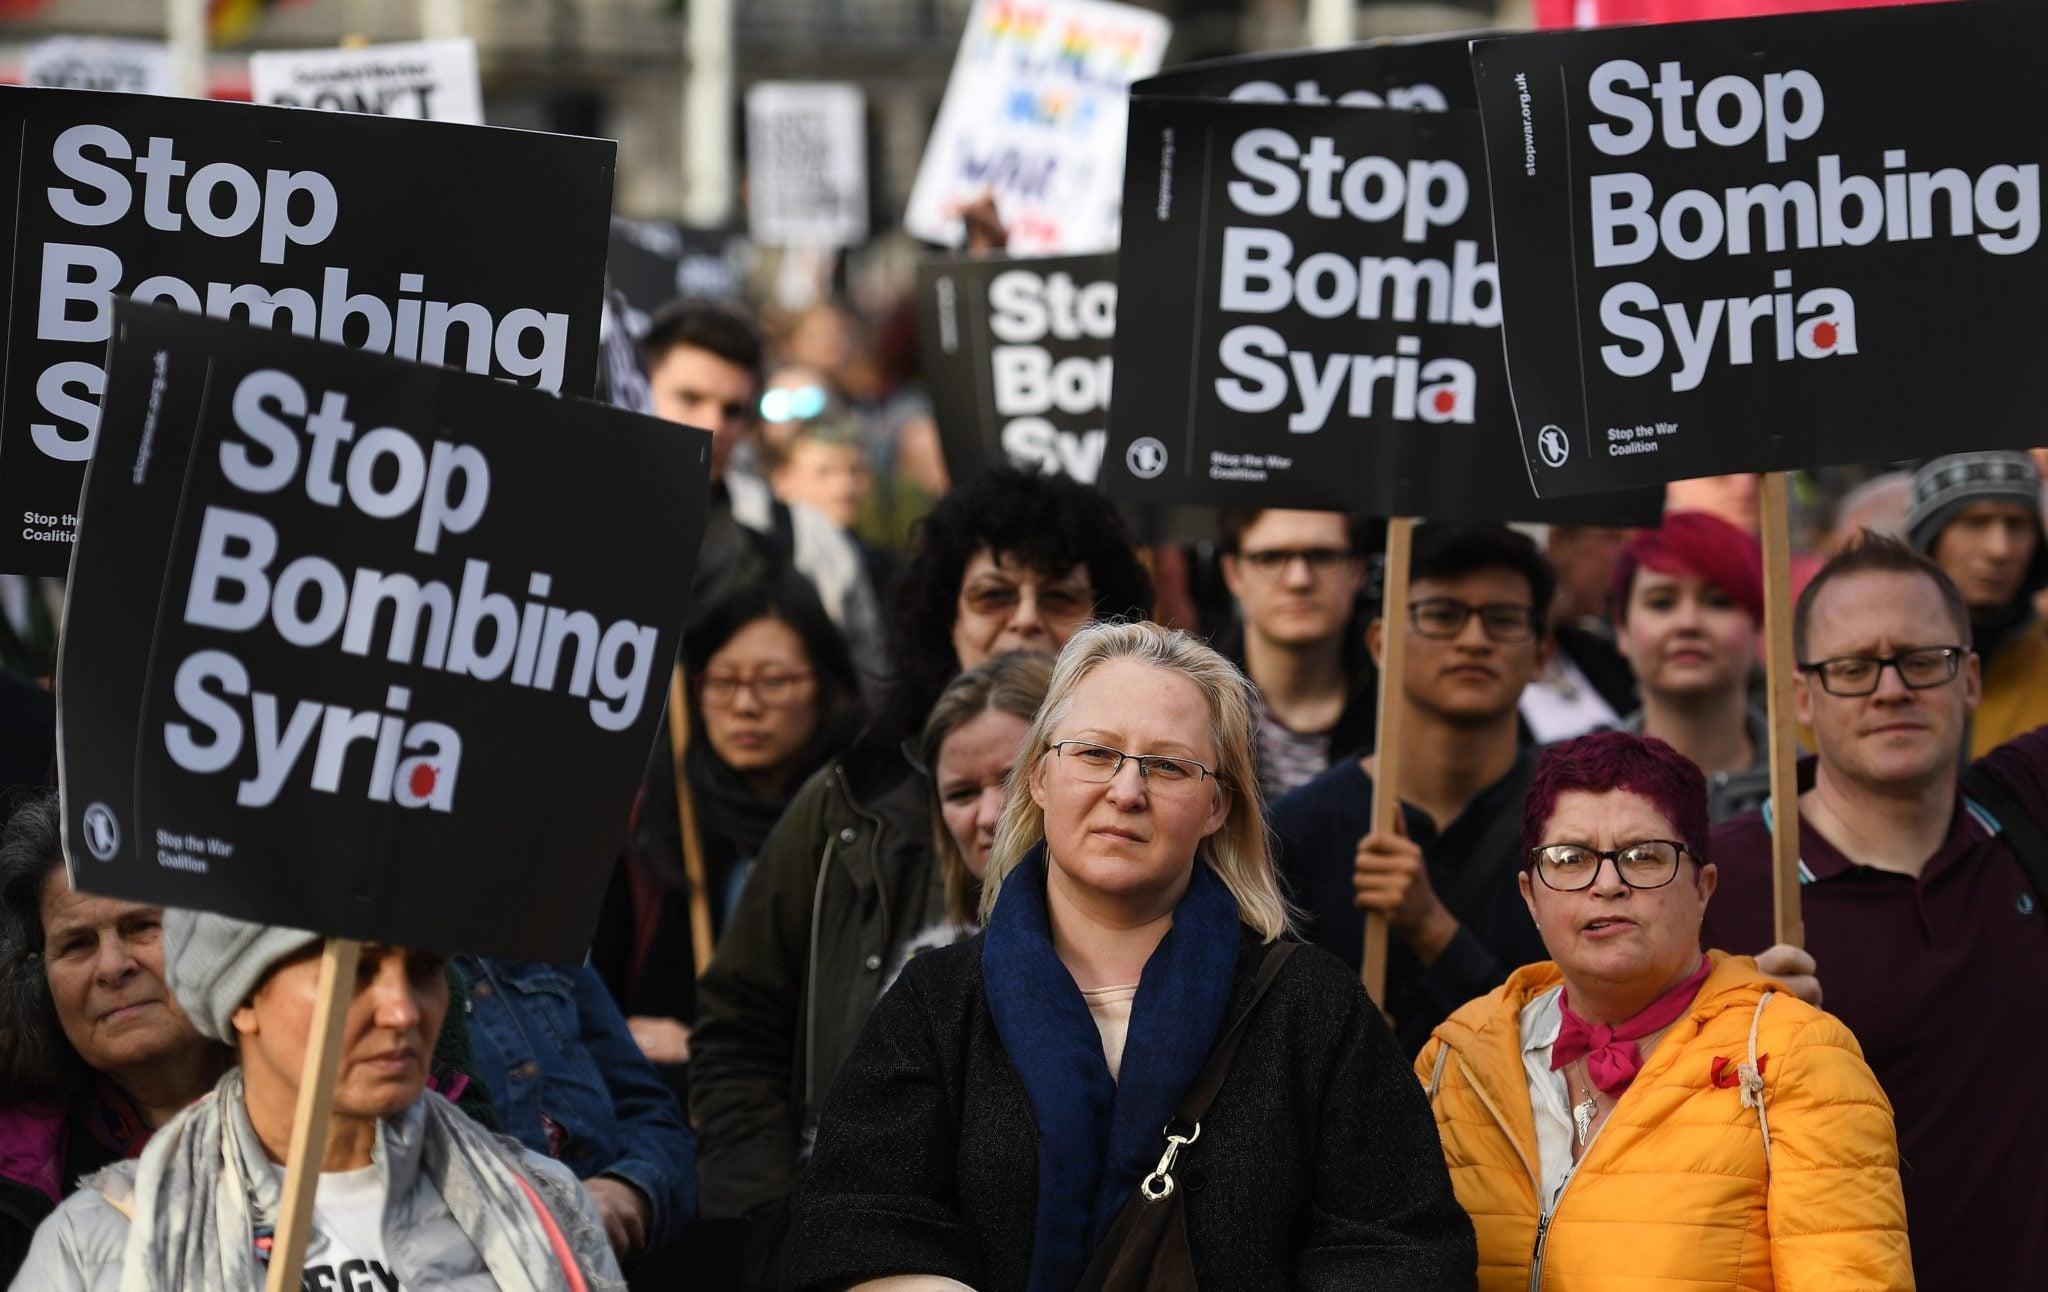 Wielka Brytania: demonstranci przed parlamentem w Londynie. Wyrażają sprzeciw wobec akcji militarnej w Syrii. Premier Wielkiej Brytanii Theresa May wydała dziś oświadczenie w sprawie Syrii dla członków w Izbie Gmin, fot: Andy Rain, PAP/EPA